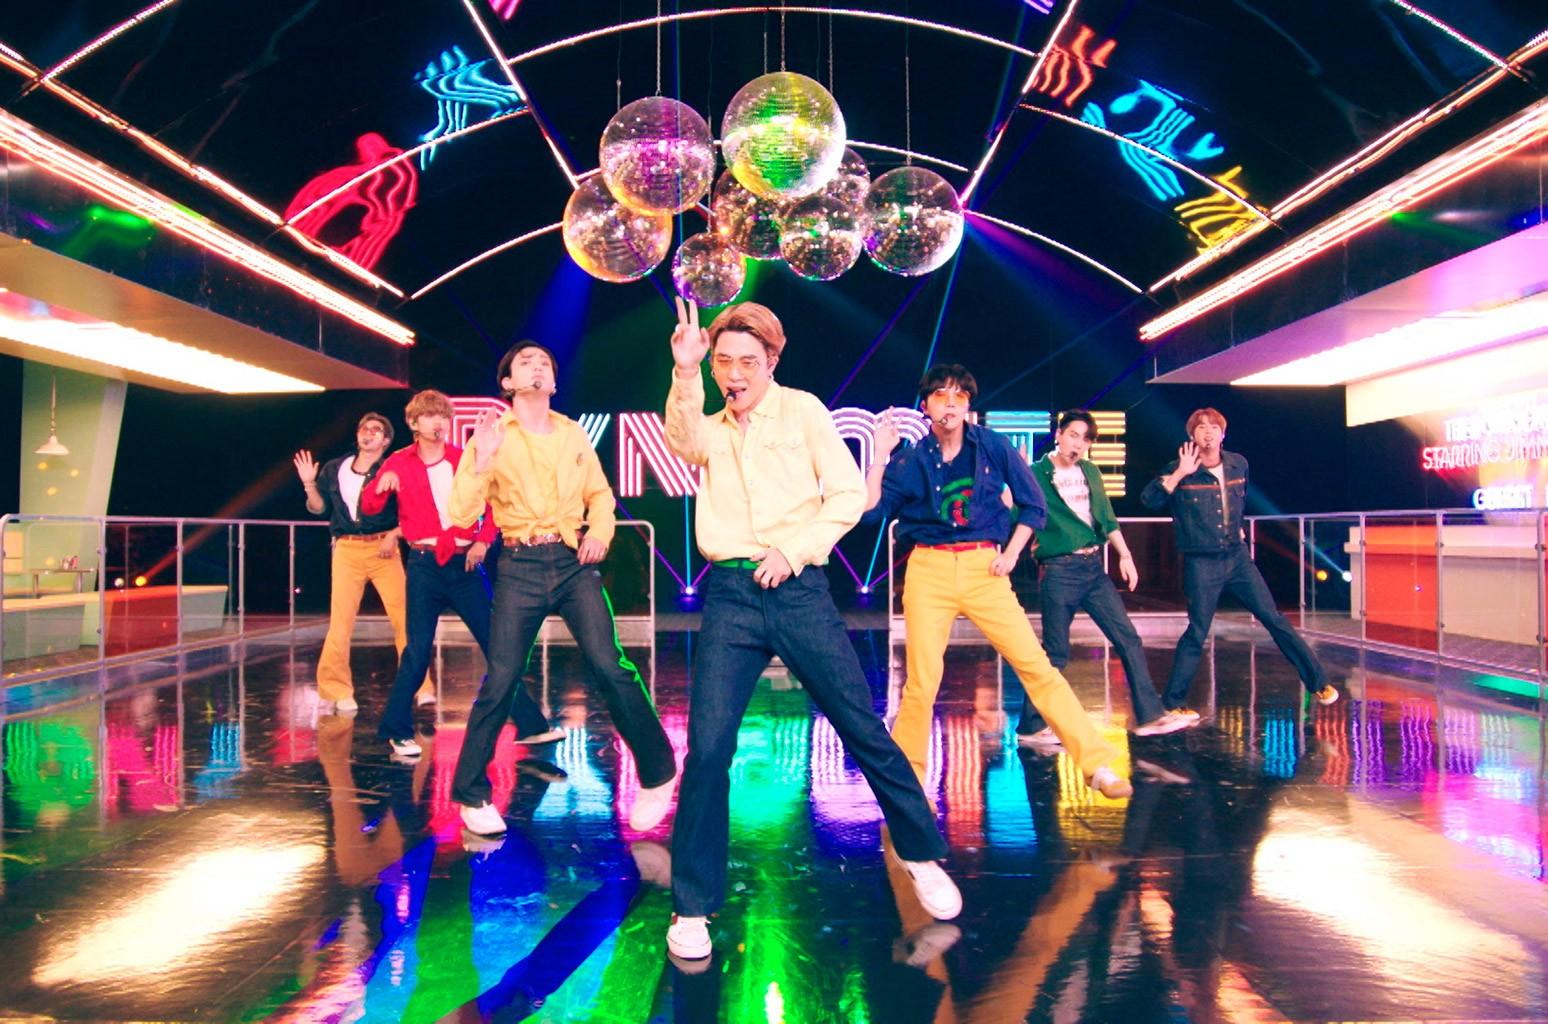 BTS 'Be' возвращаются на первое место в чарте продаж лучших альбомов Billboard, The Hold Steady и Mogwai зарабатывают первые 10 лучших